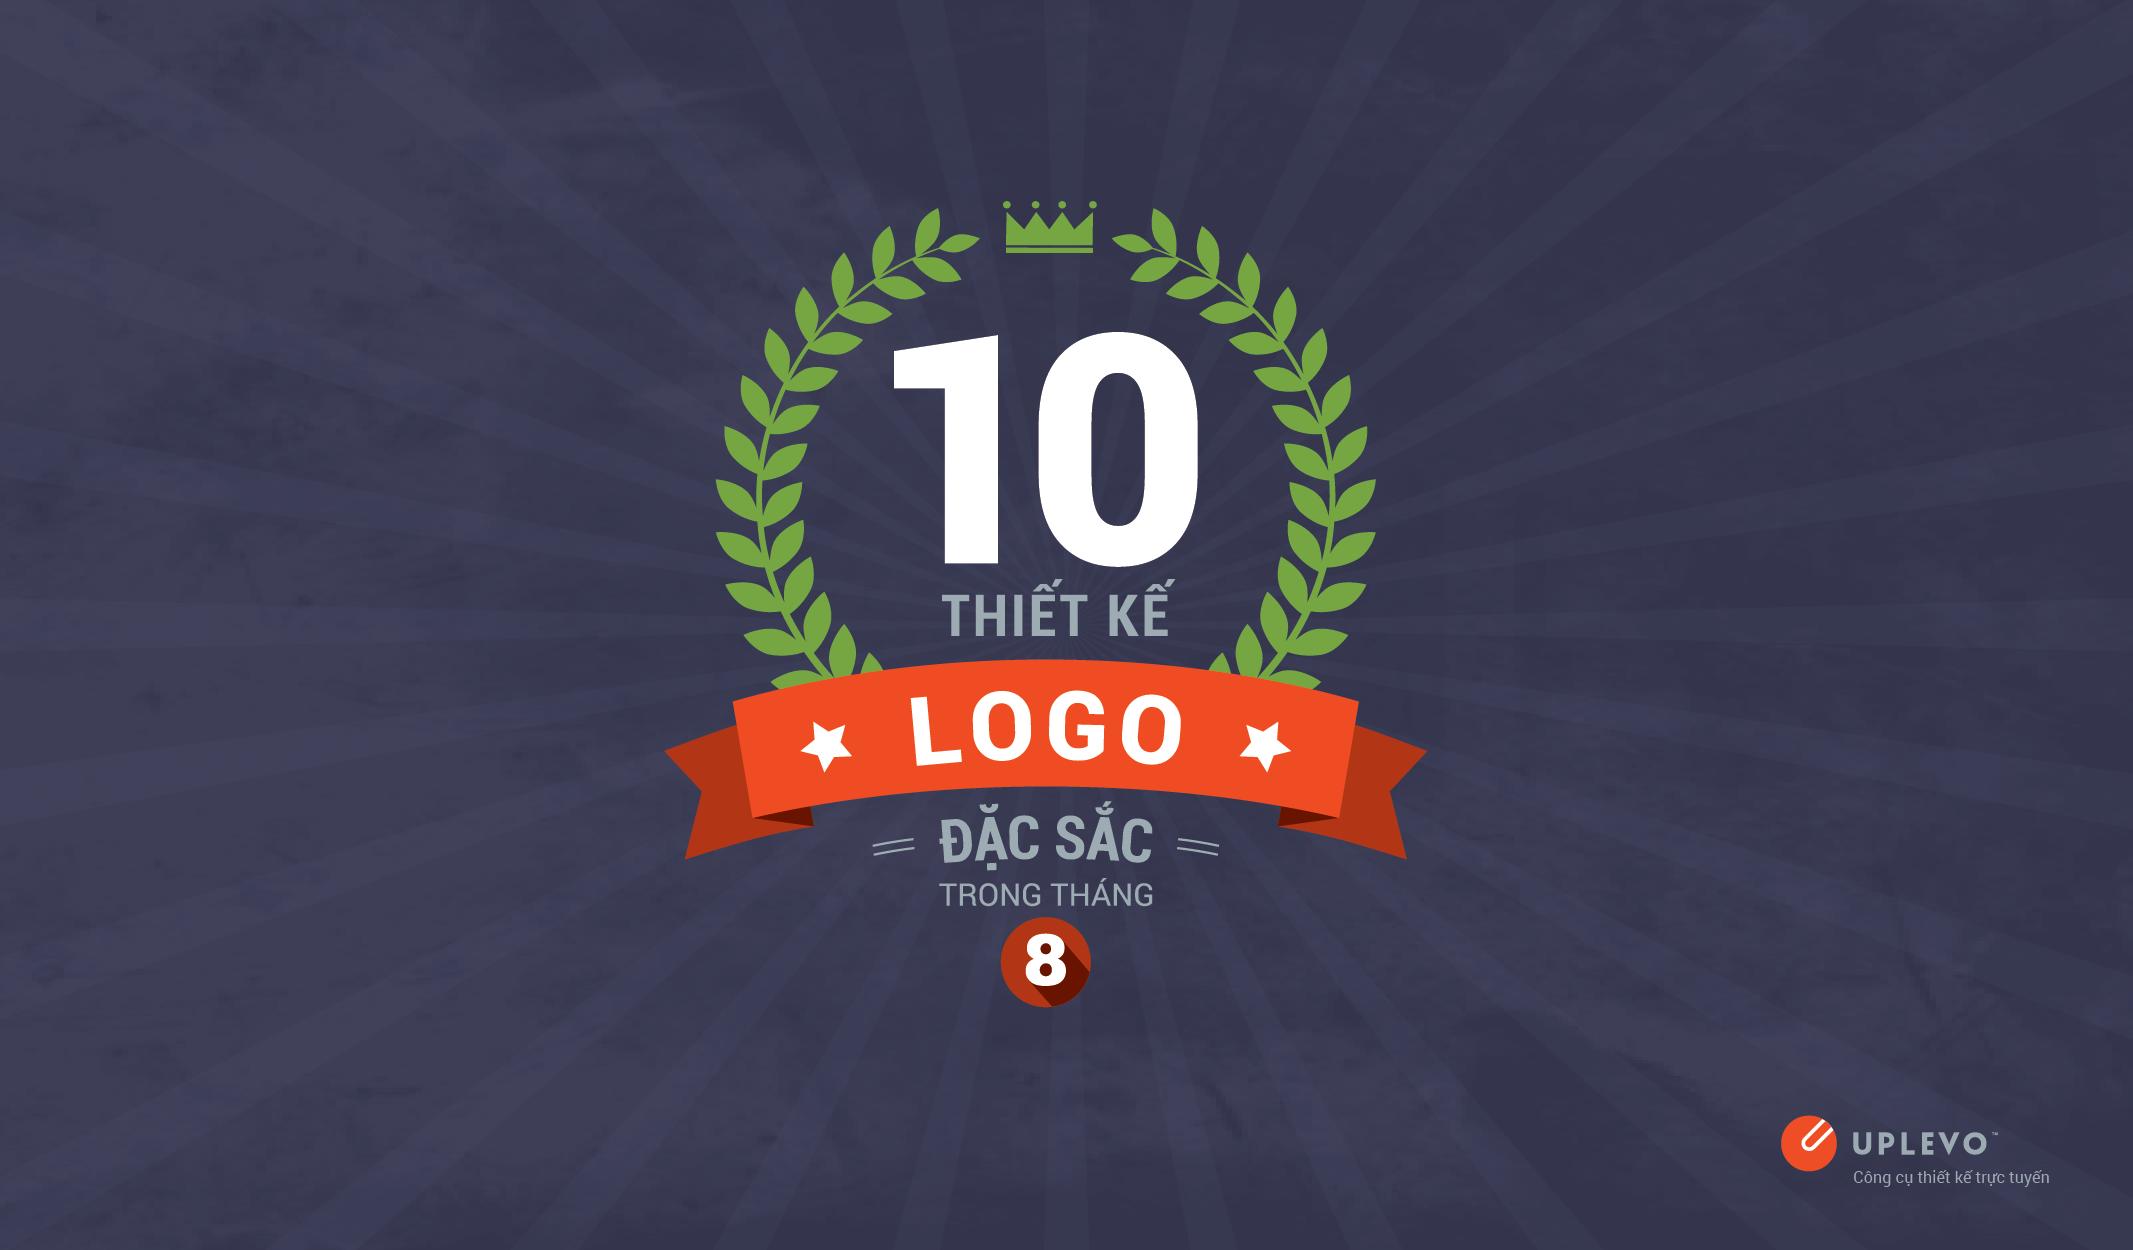 10 thiết kế logo đặc sắc tháng 8